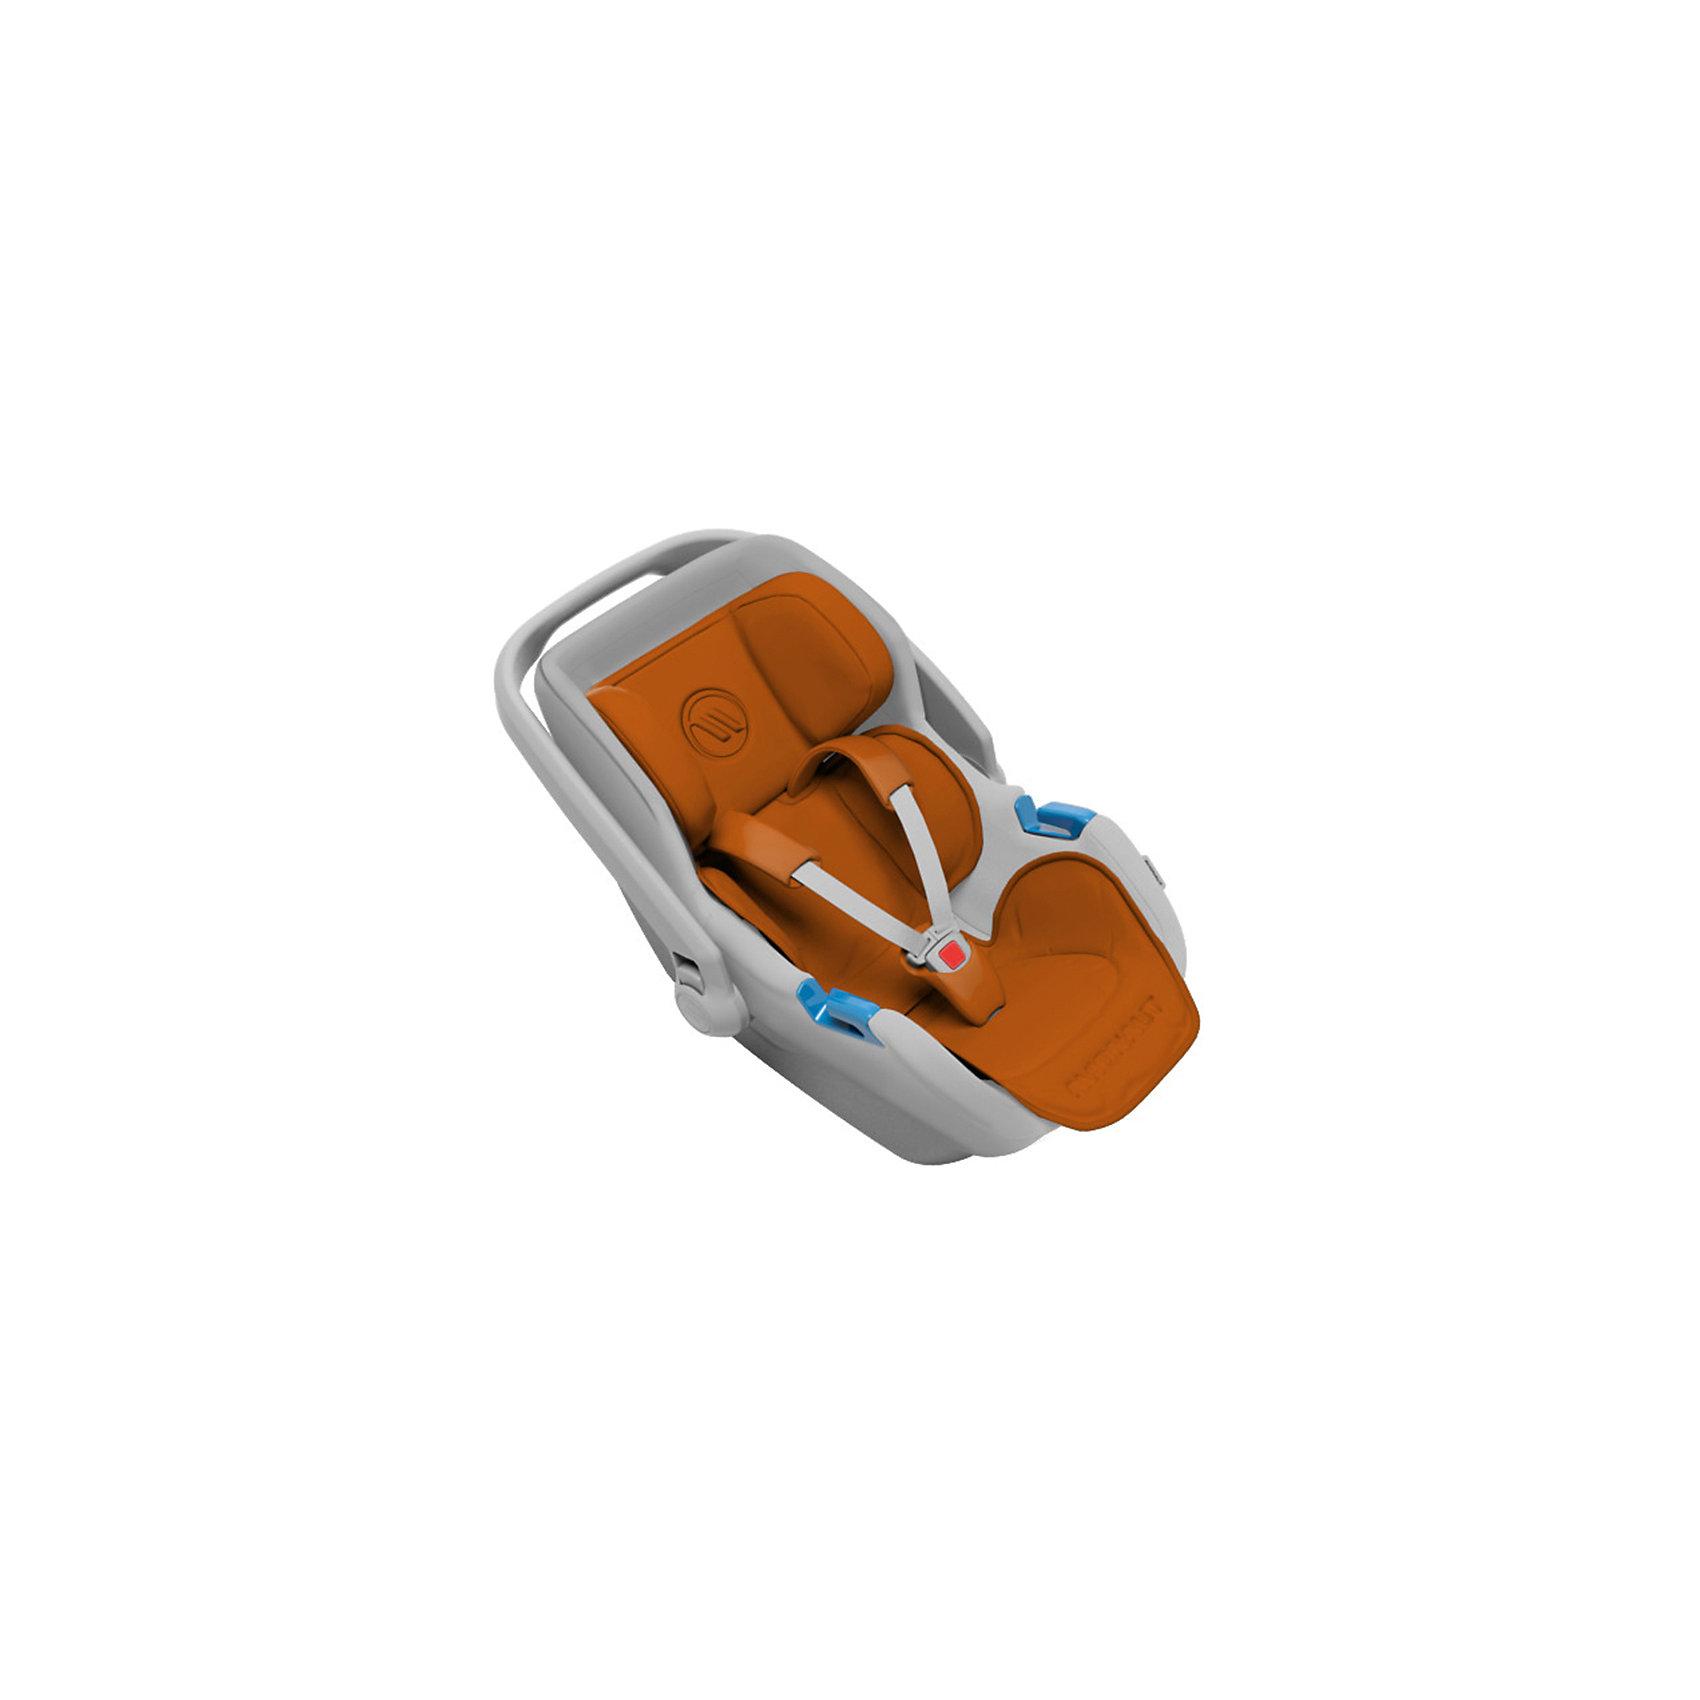 Автокресло Avionaut Jet, 0-13кг, коричневый/серыйГруппа 0+ (До 13 кг)<br>**AVIONAUT Автокресло JET 0-13кг Коричневый/цвет базы Сер вклад полиэст 2 шт/кор<br><br>Ширина мм: 710<br>Глубина мм: 650<br>Высота мм: 810<br>Вес г: 3500<br>Возраст от месяцев: 0<br>Возраст до месяцев: 12<br>Пол: Унисекс<br>Возраст: Детский<br>SKU: 5559159